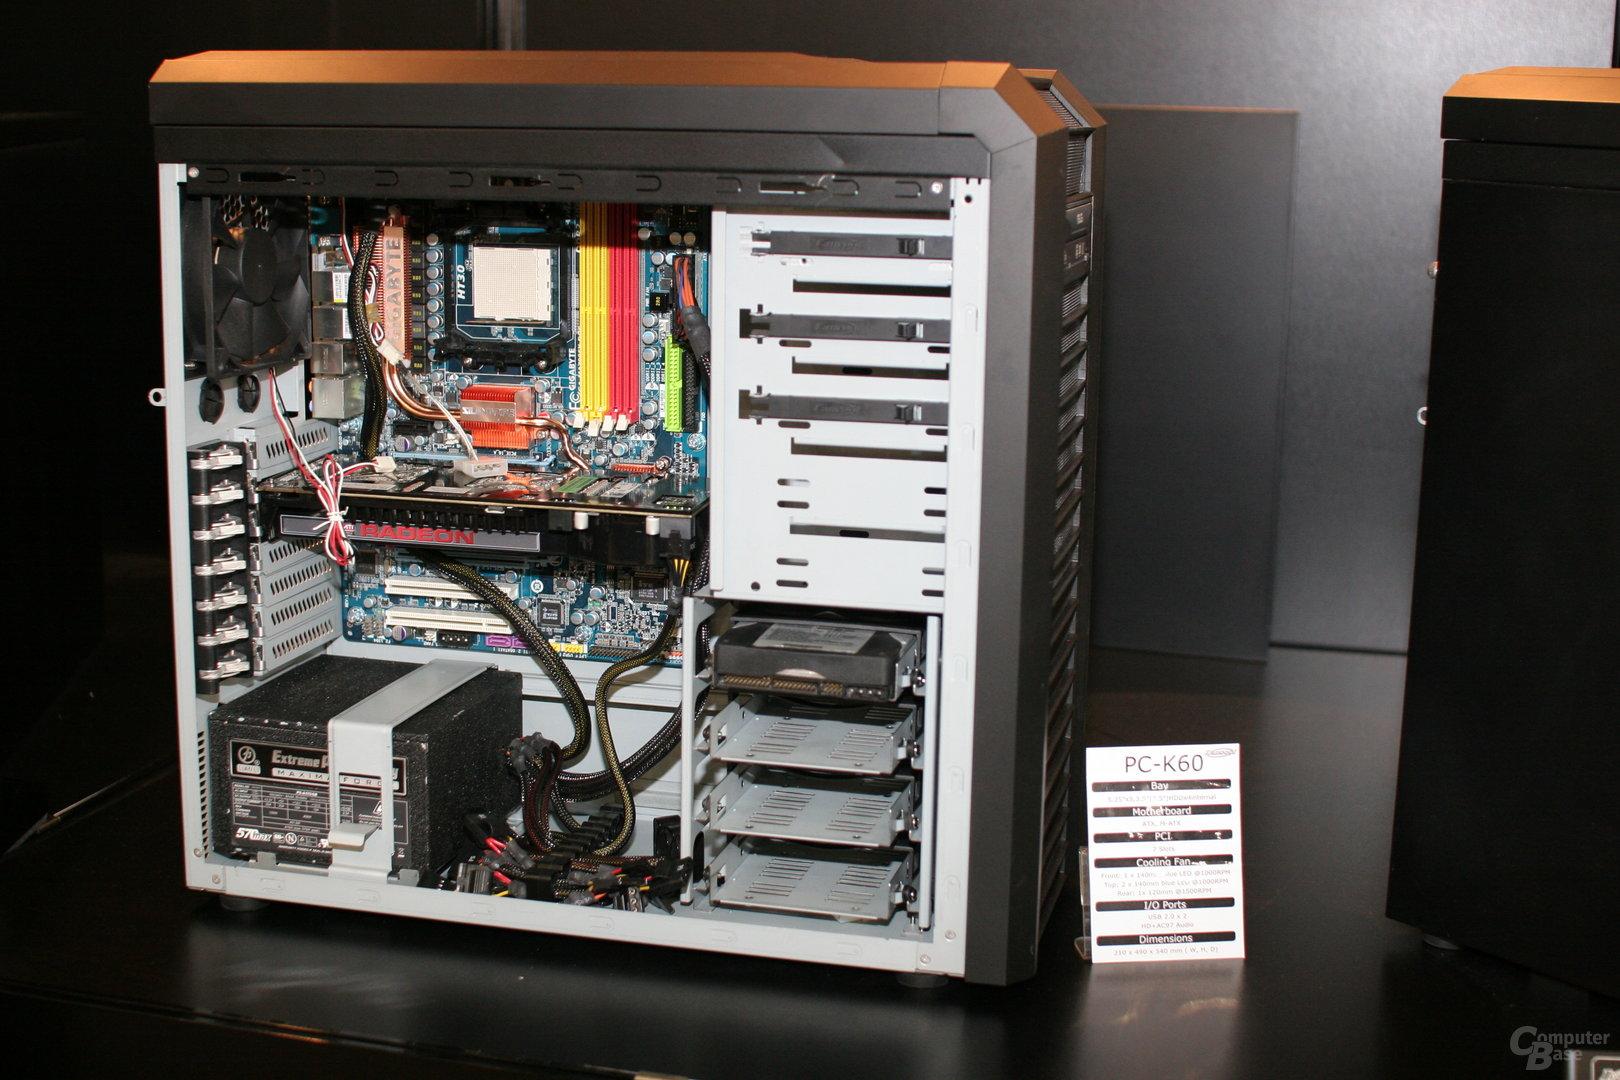 Lancool PC-K60